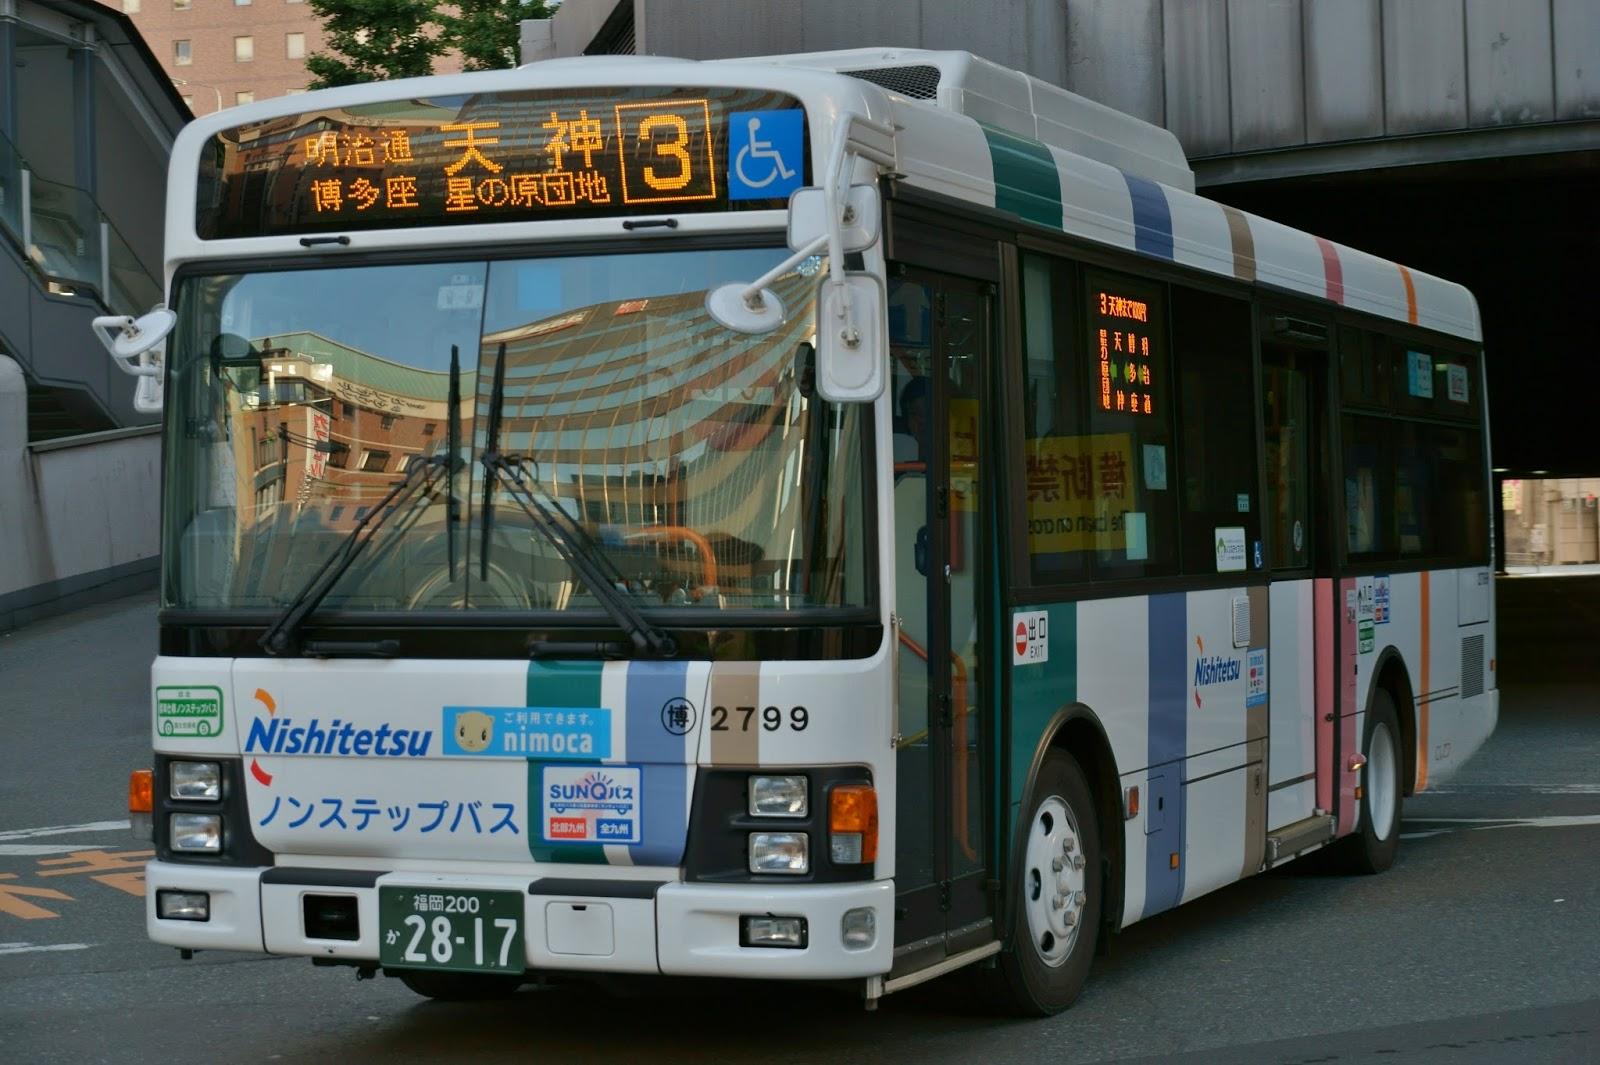 広島のバス: 西鉄バス 福岡200か2817